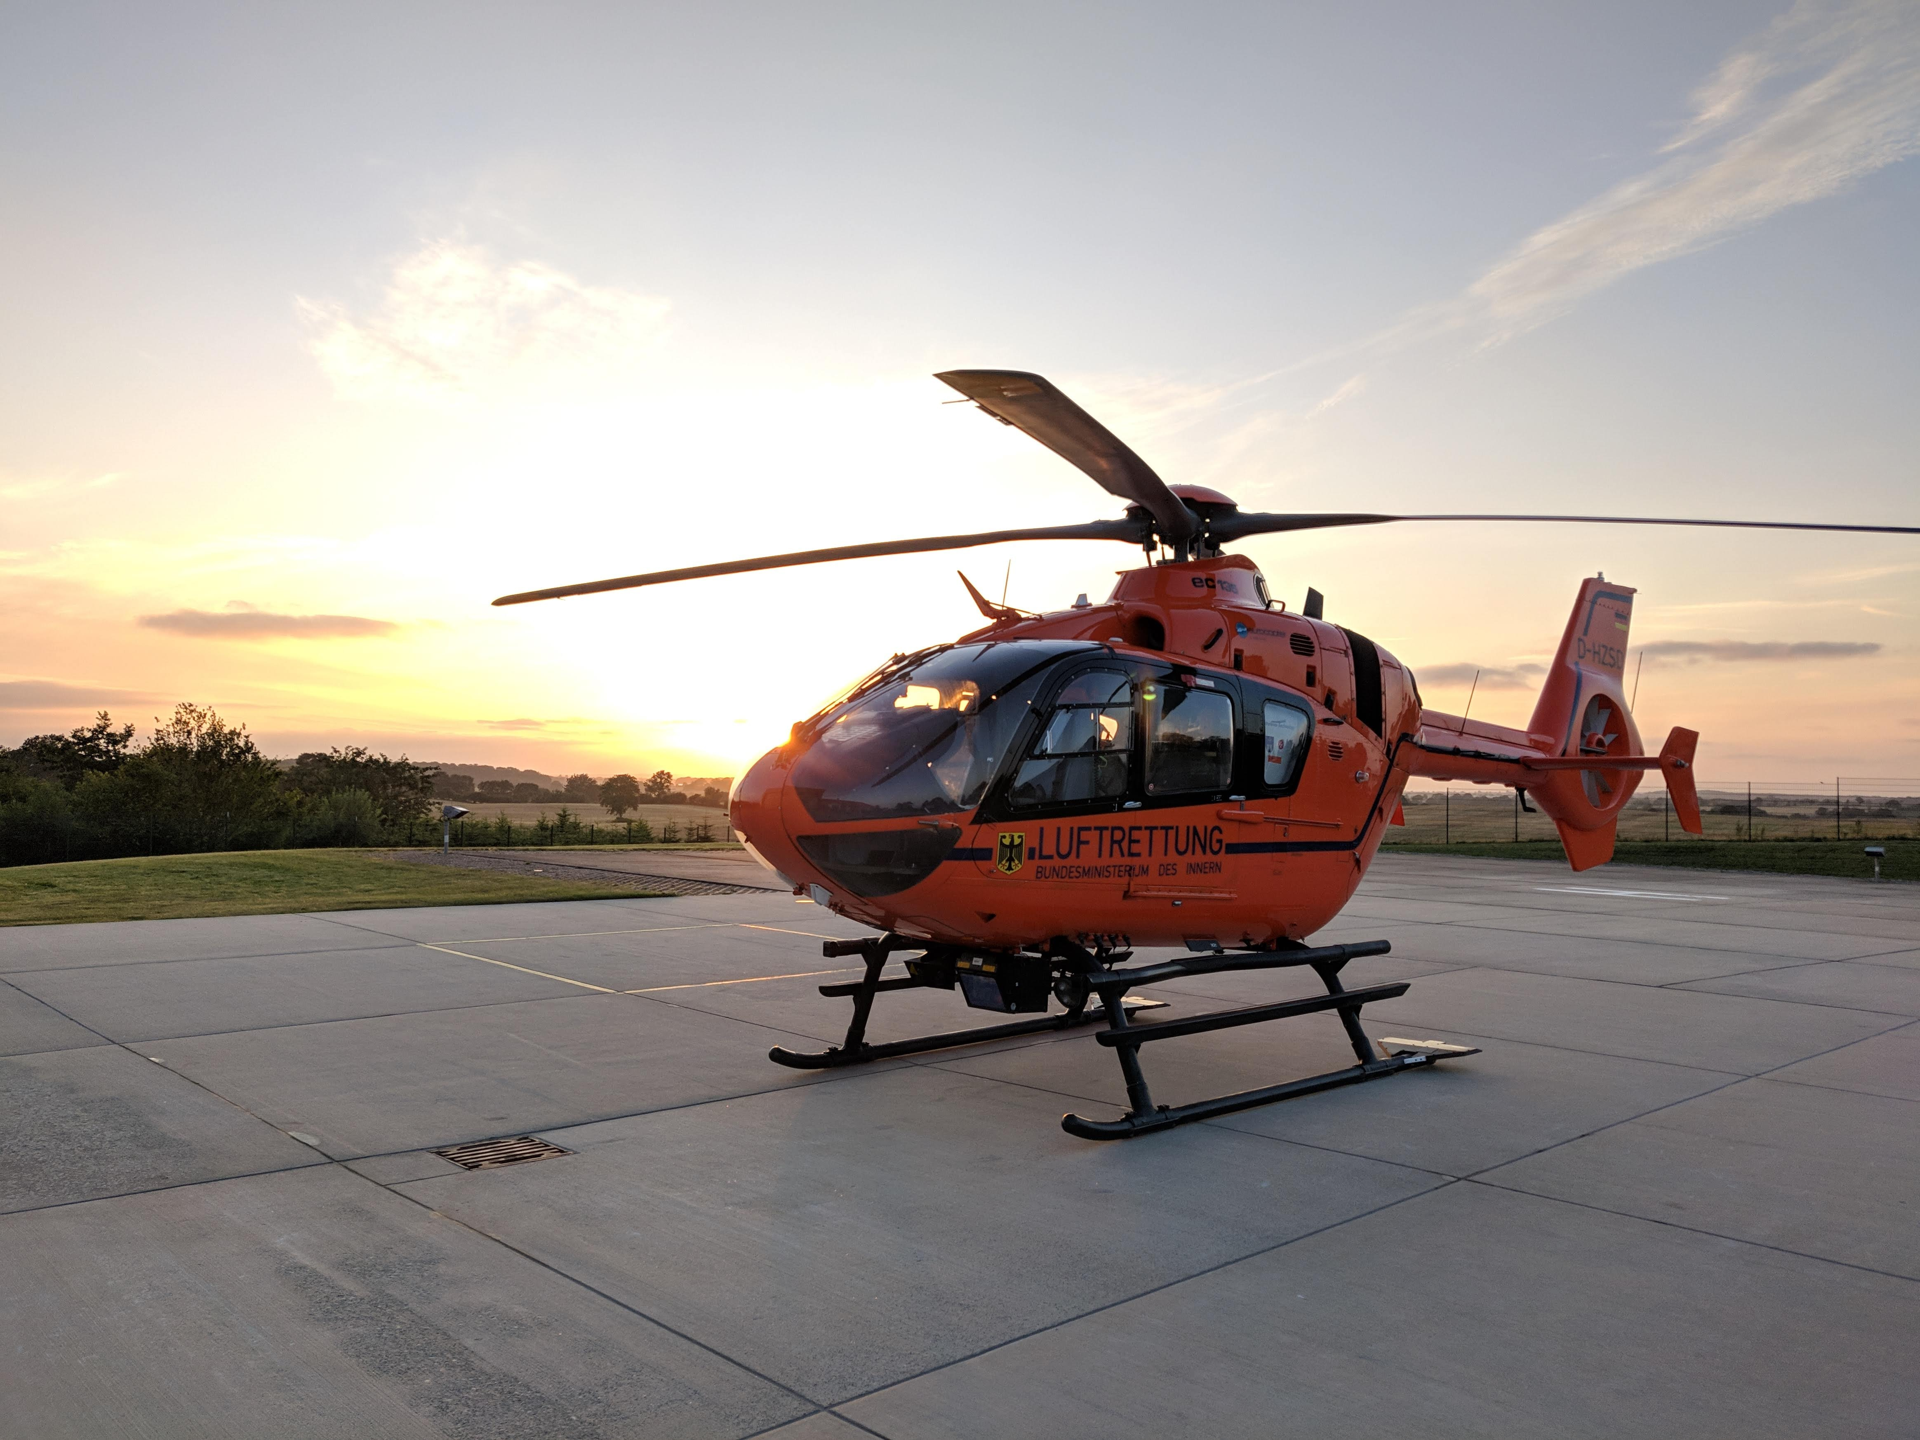 Elicotteri lussuosi: come noleggiarli con e senza pilota